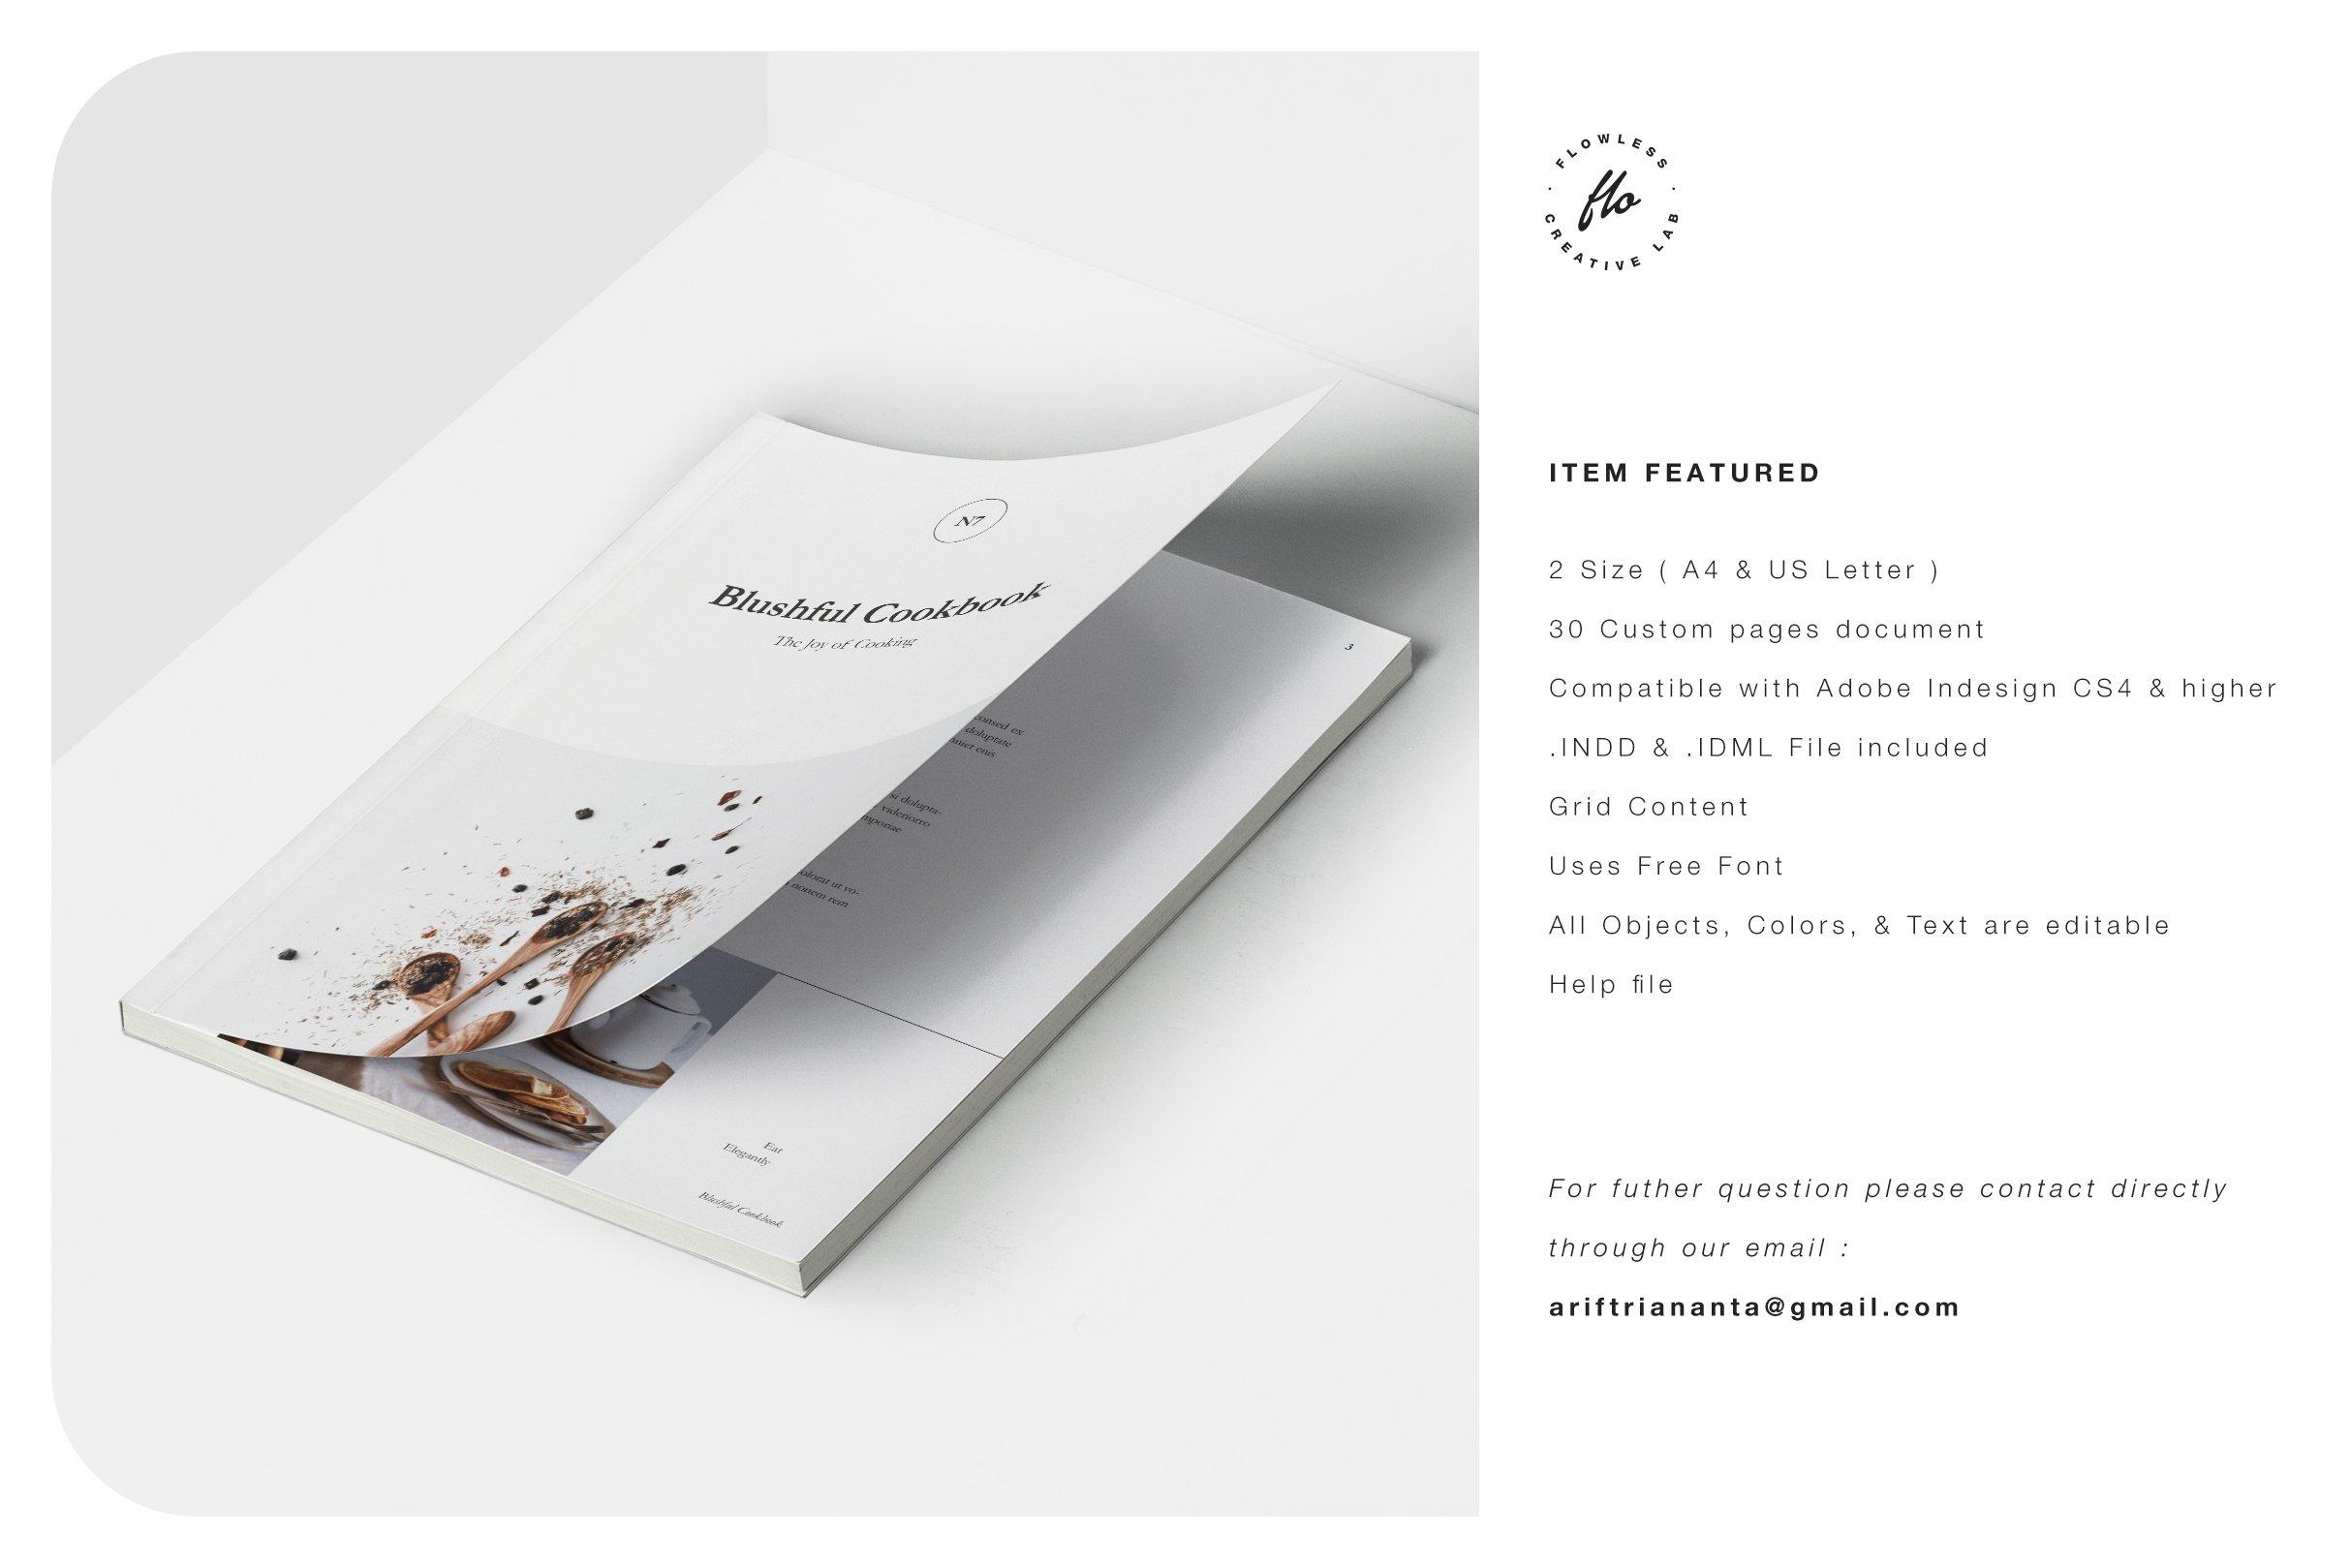 简约食谱菜单图文排版设计INDD画册模板 BLUSHFUL Editorial Cookbook插图(5)